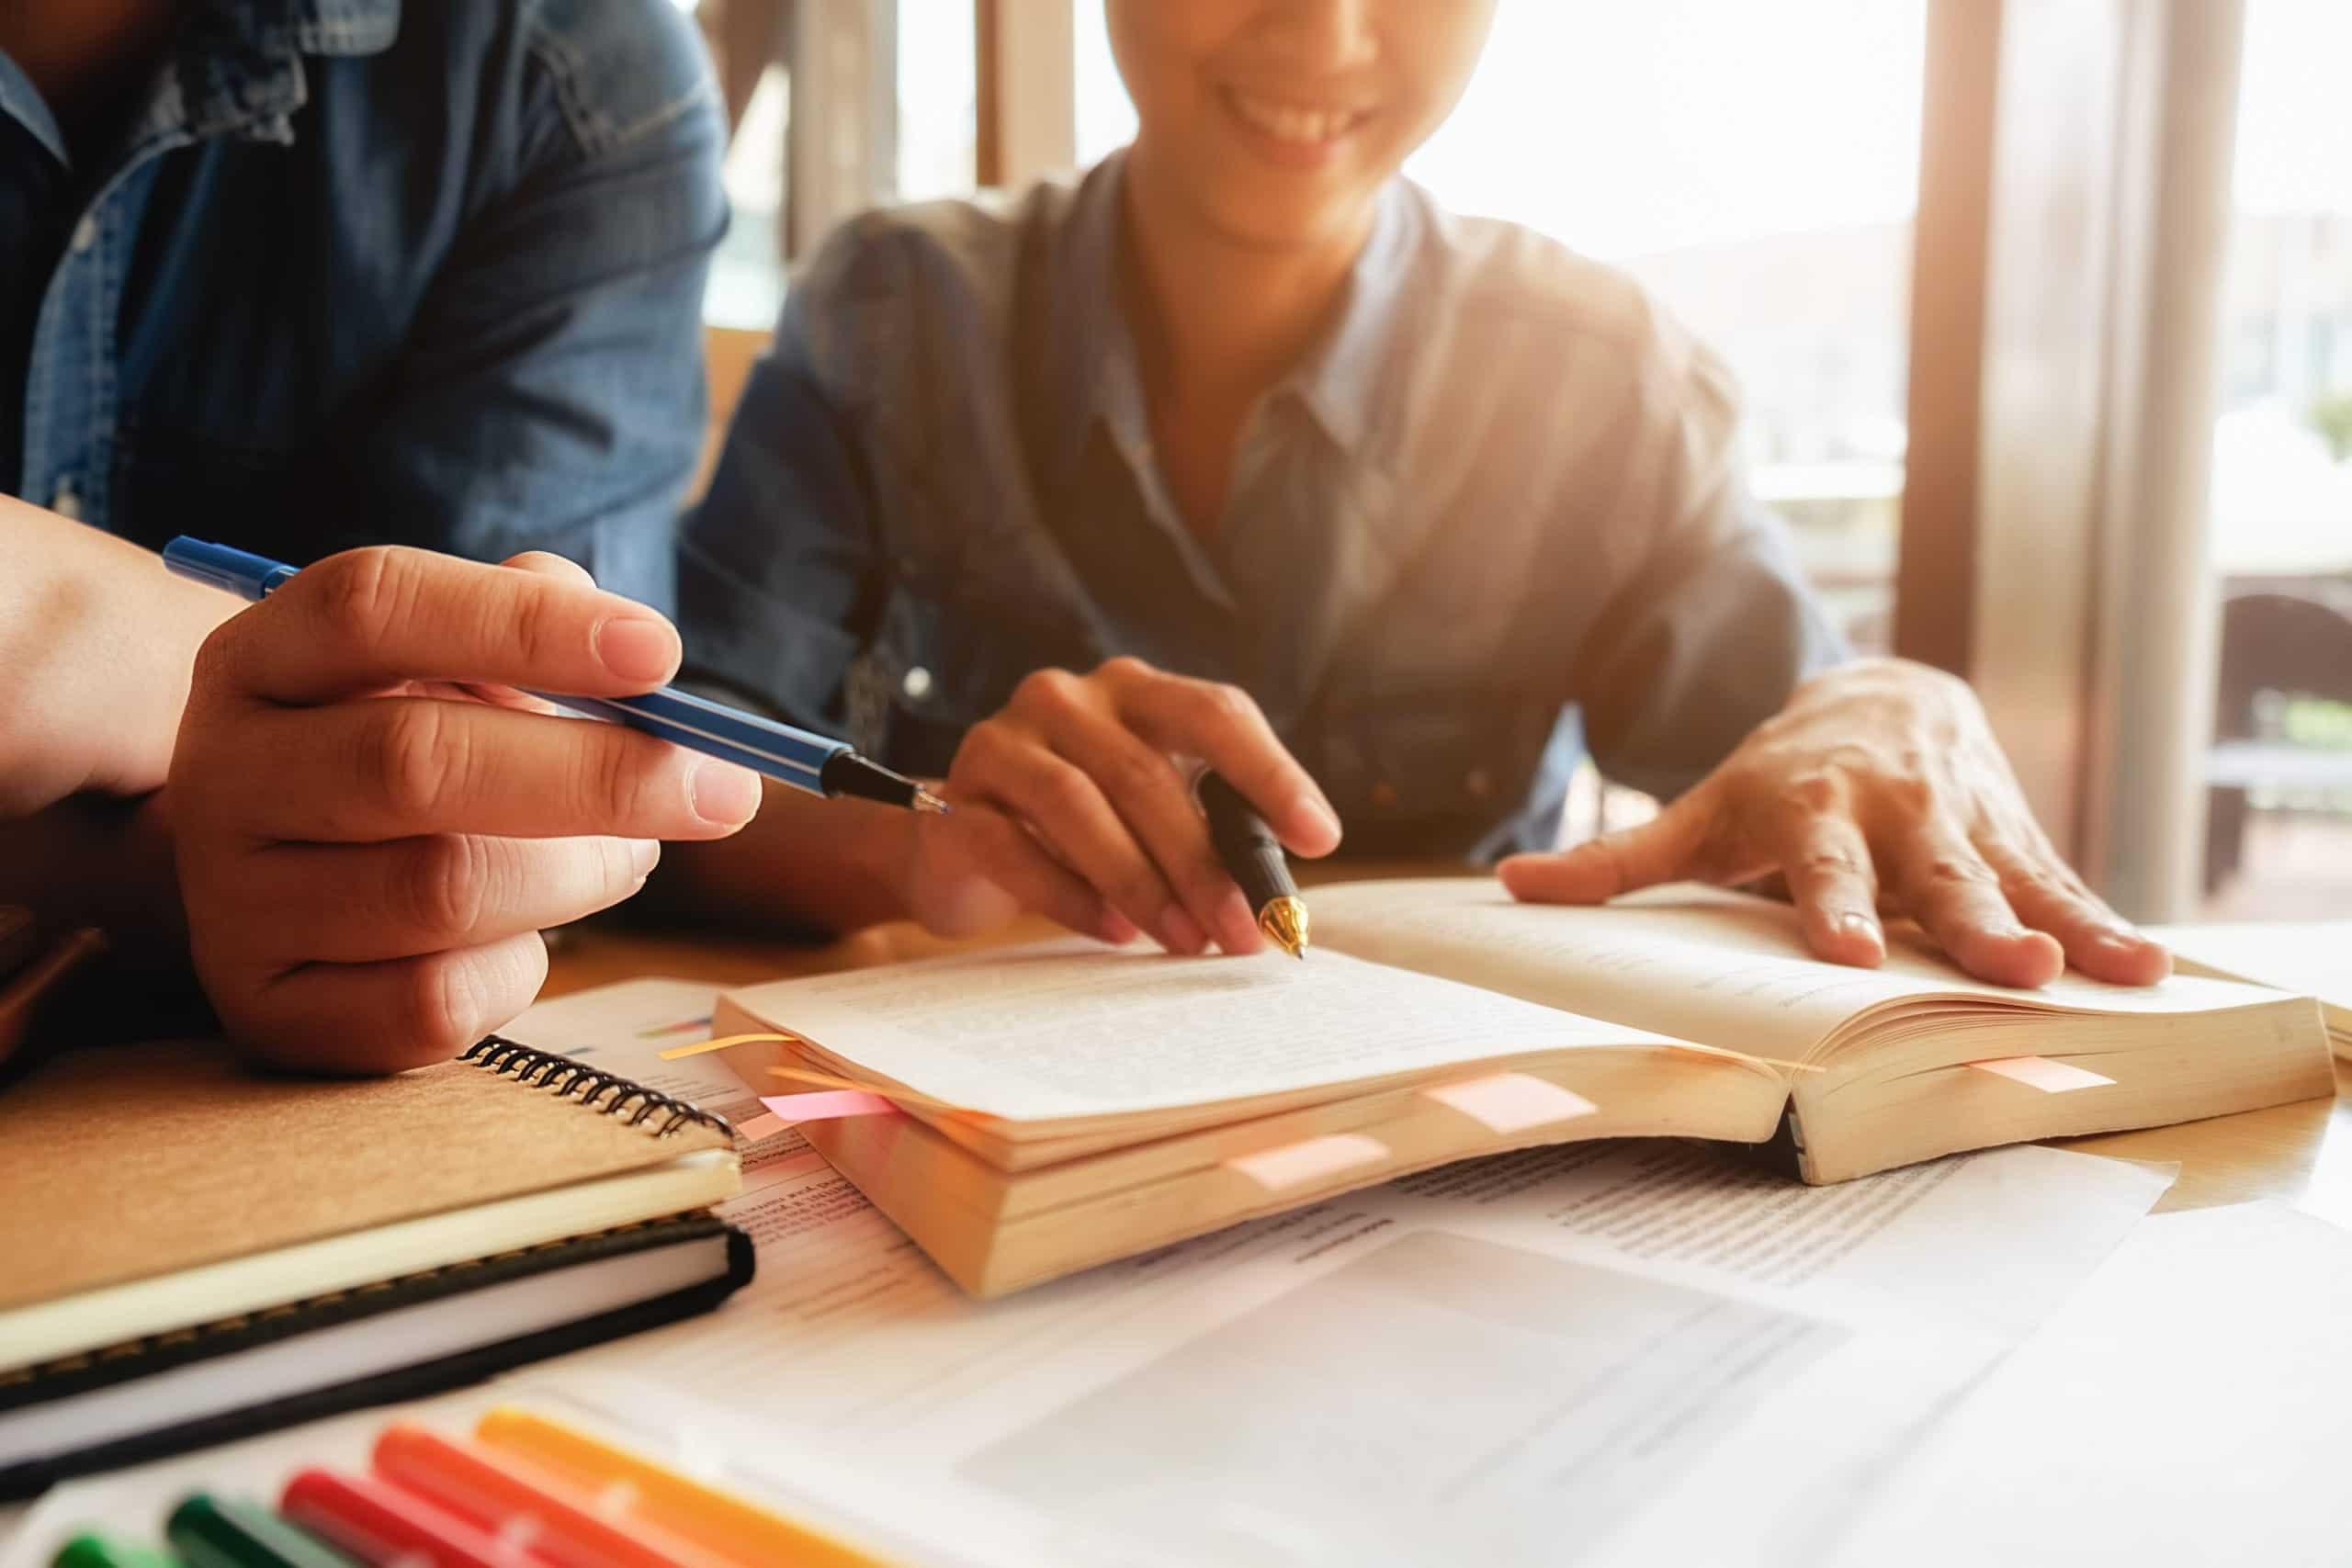 Das Avicenna Institut bietet neben Präsenzunterricht auch die Möglichkeit von Online-Kursen an.